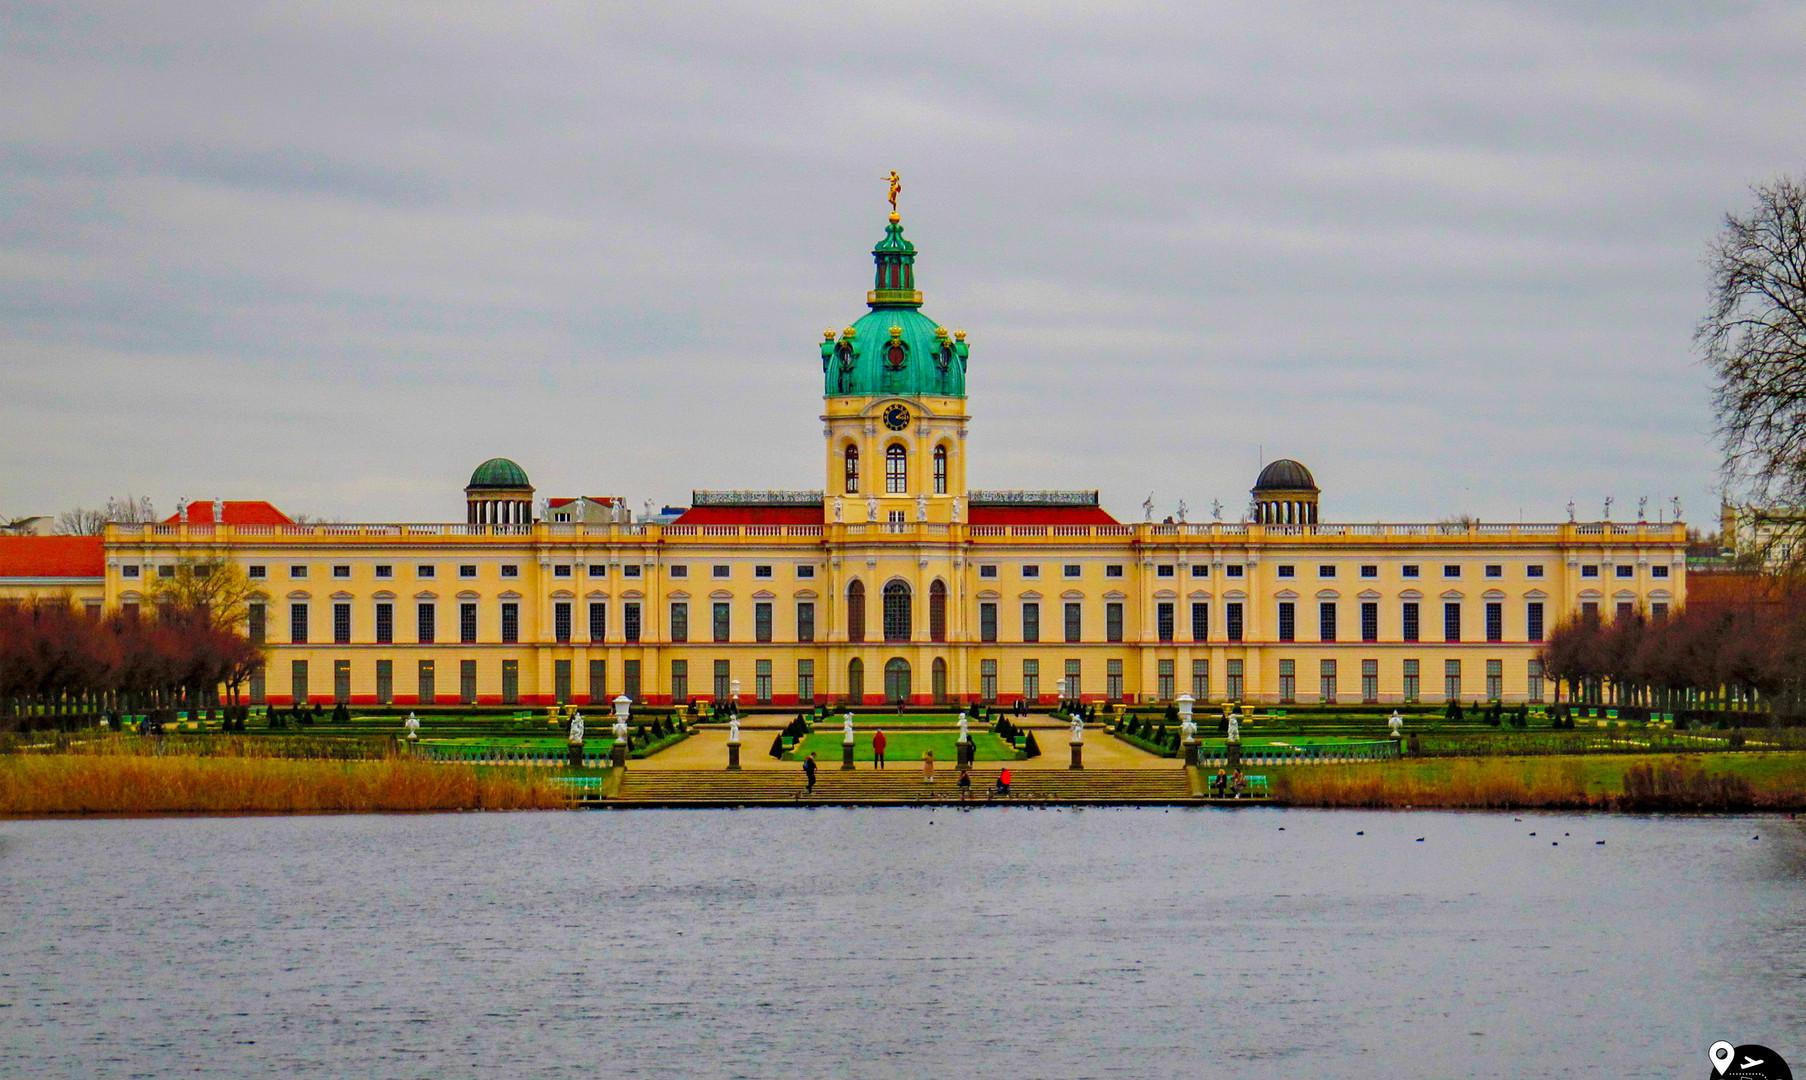 Замок Шарлоттенбург, Берлин